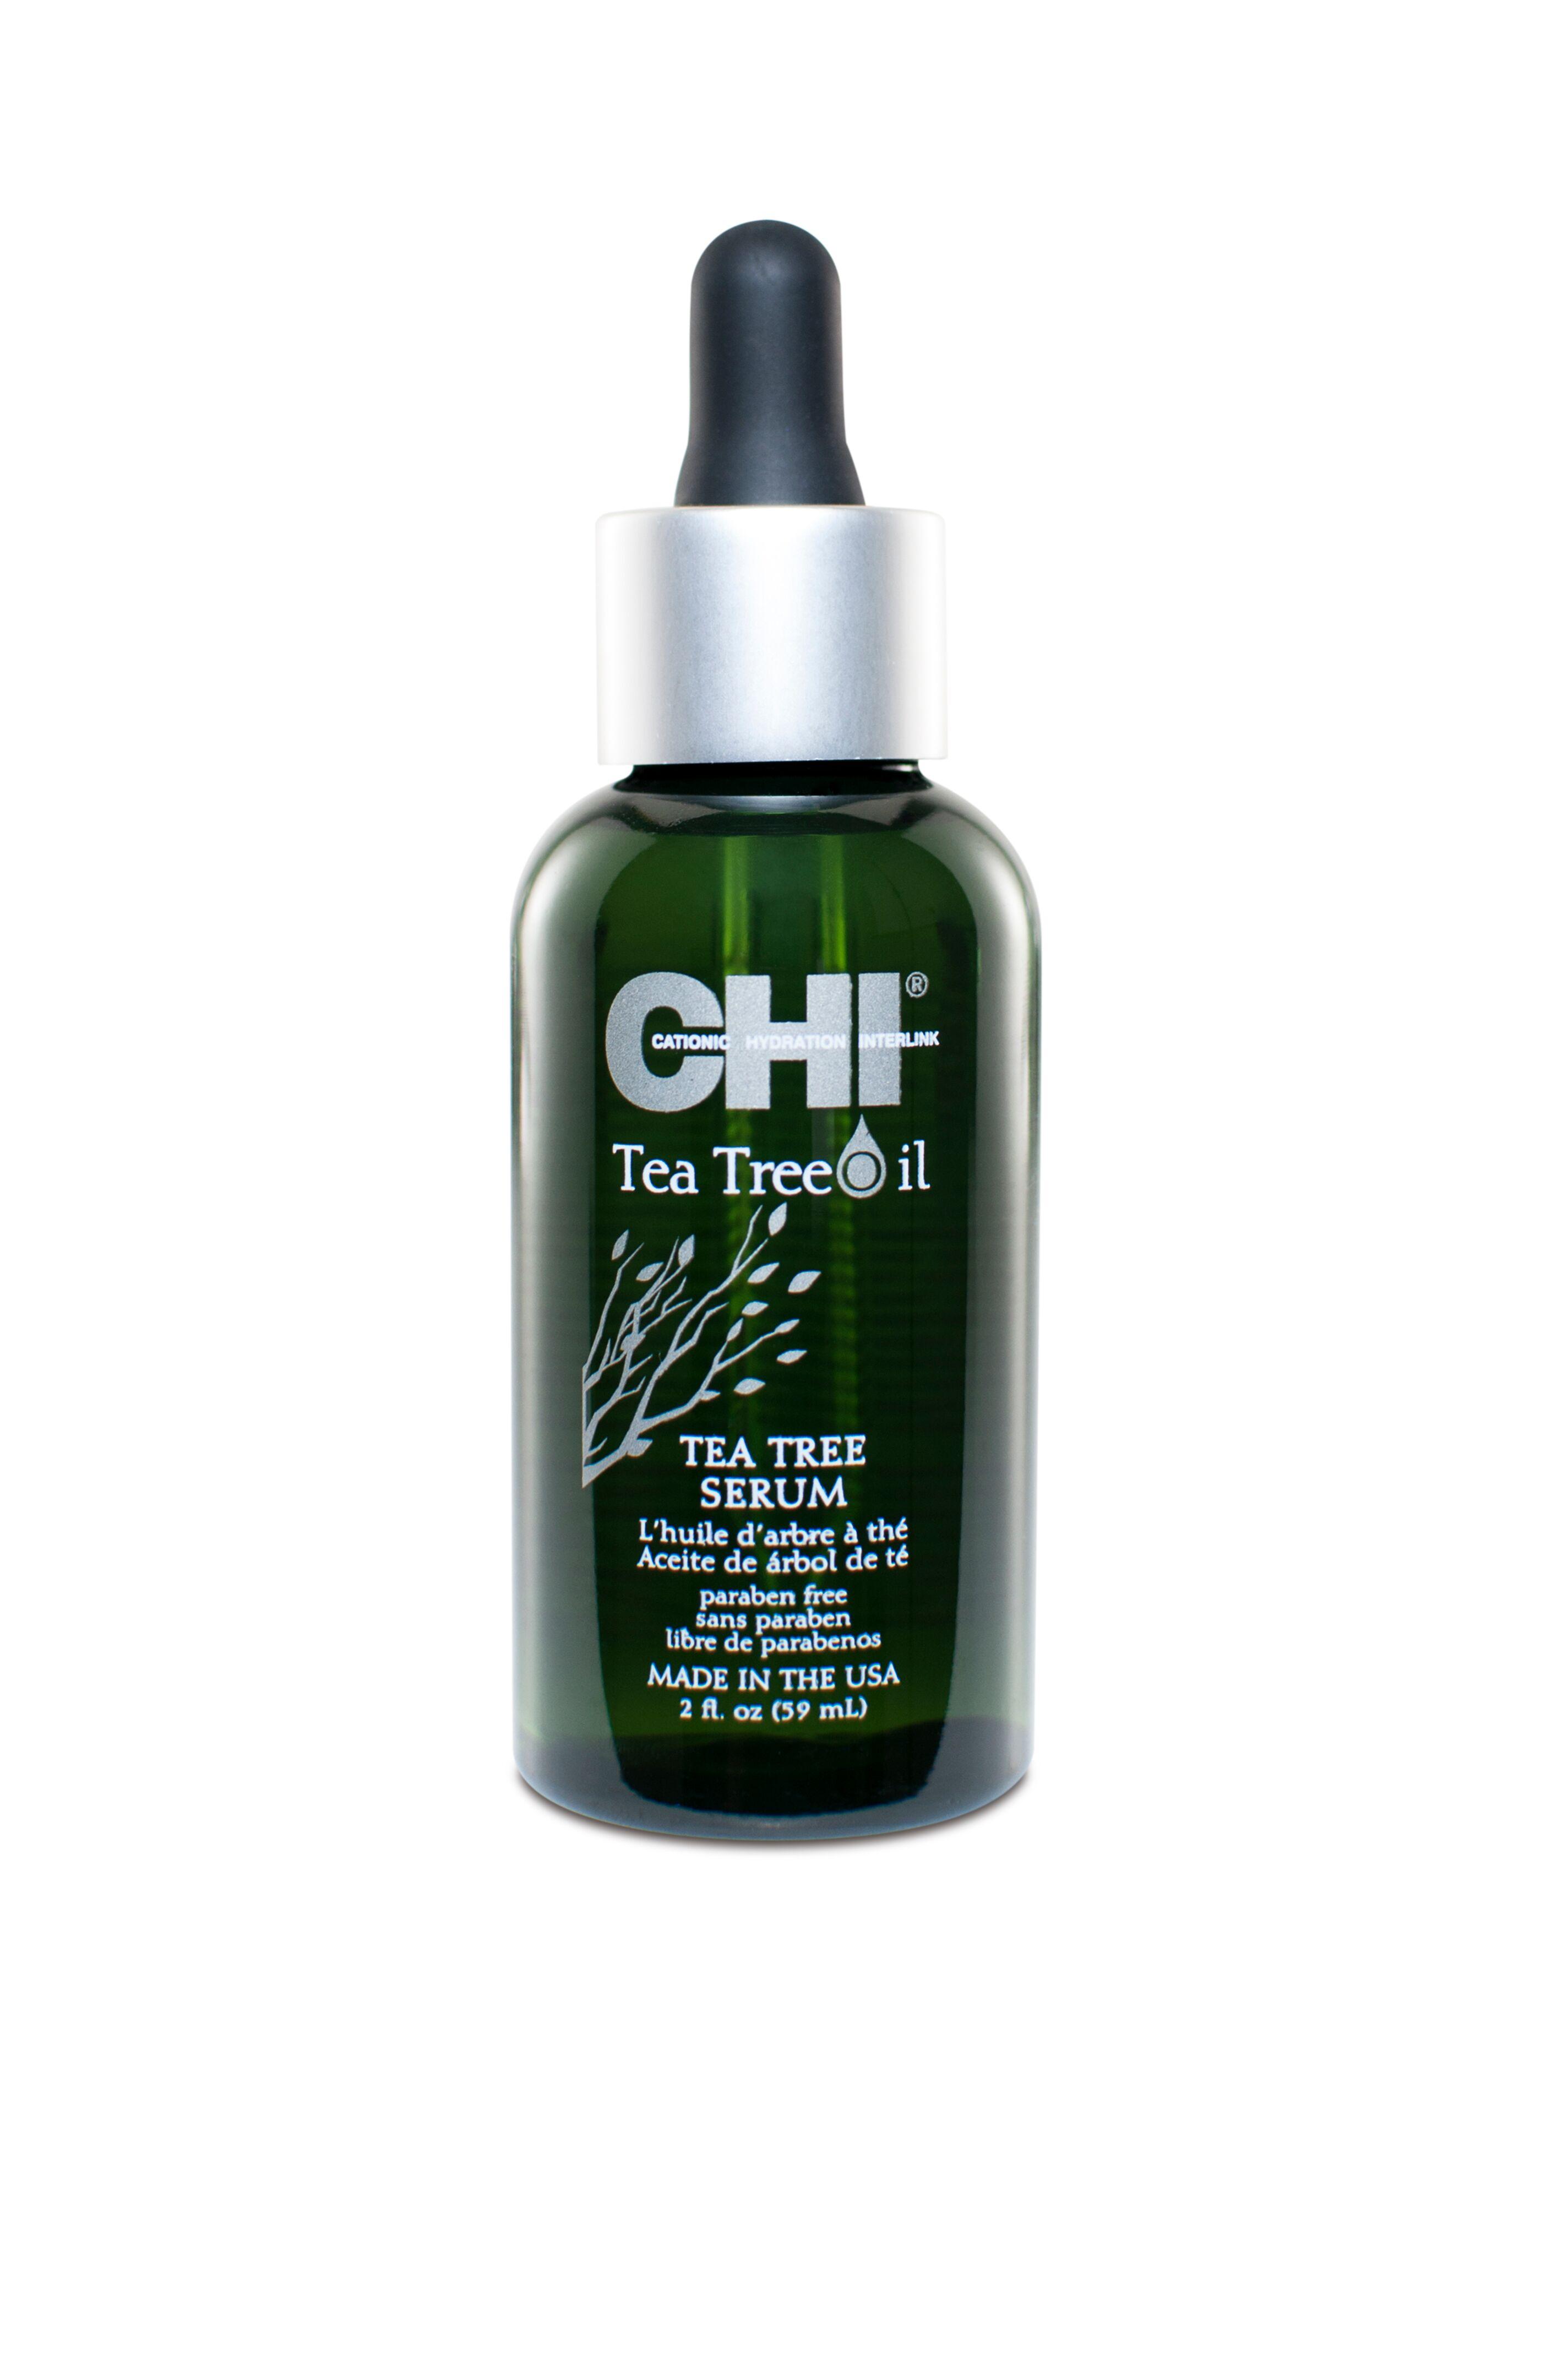 CHI Сыворотка для волос с маслом чайного дерева 59 мл